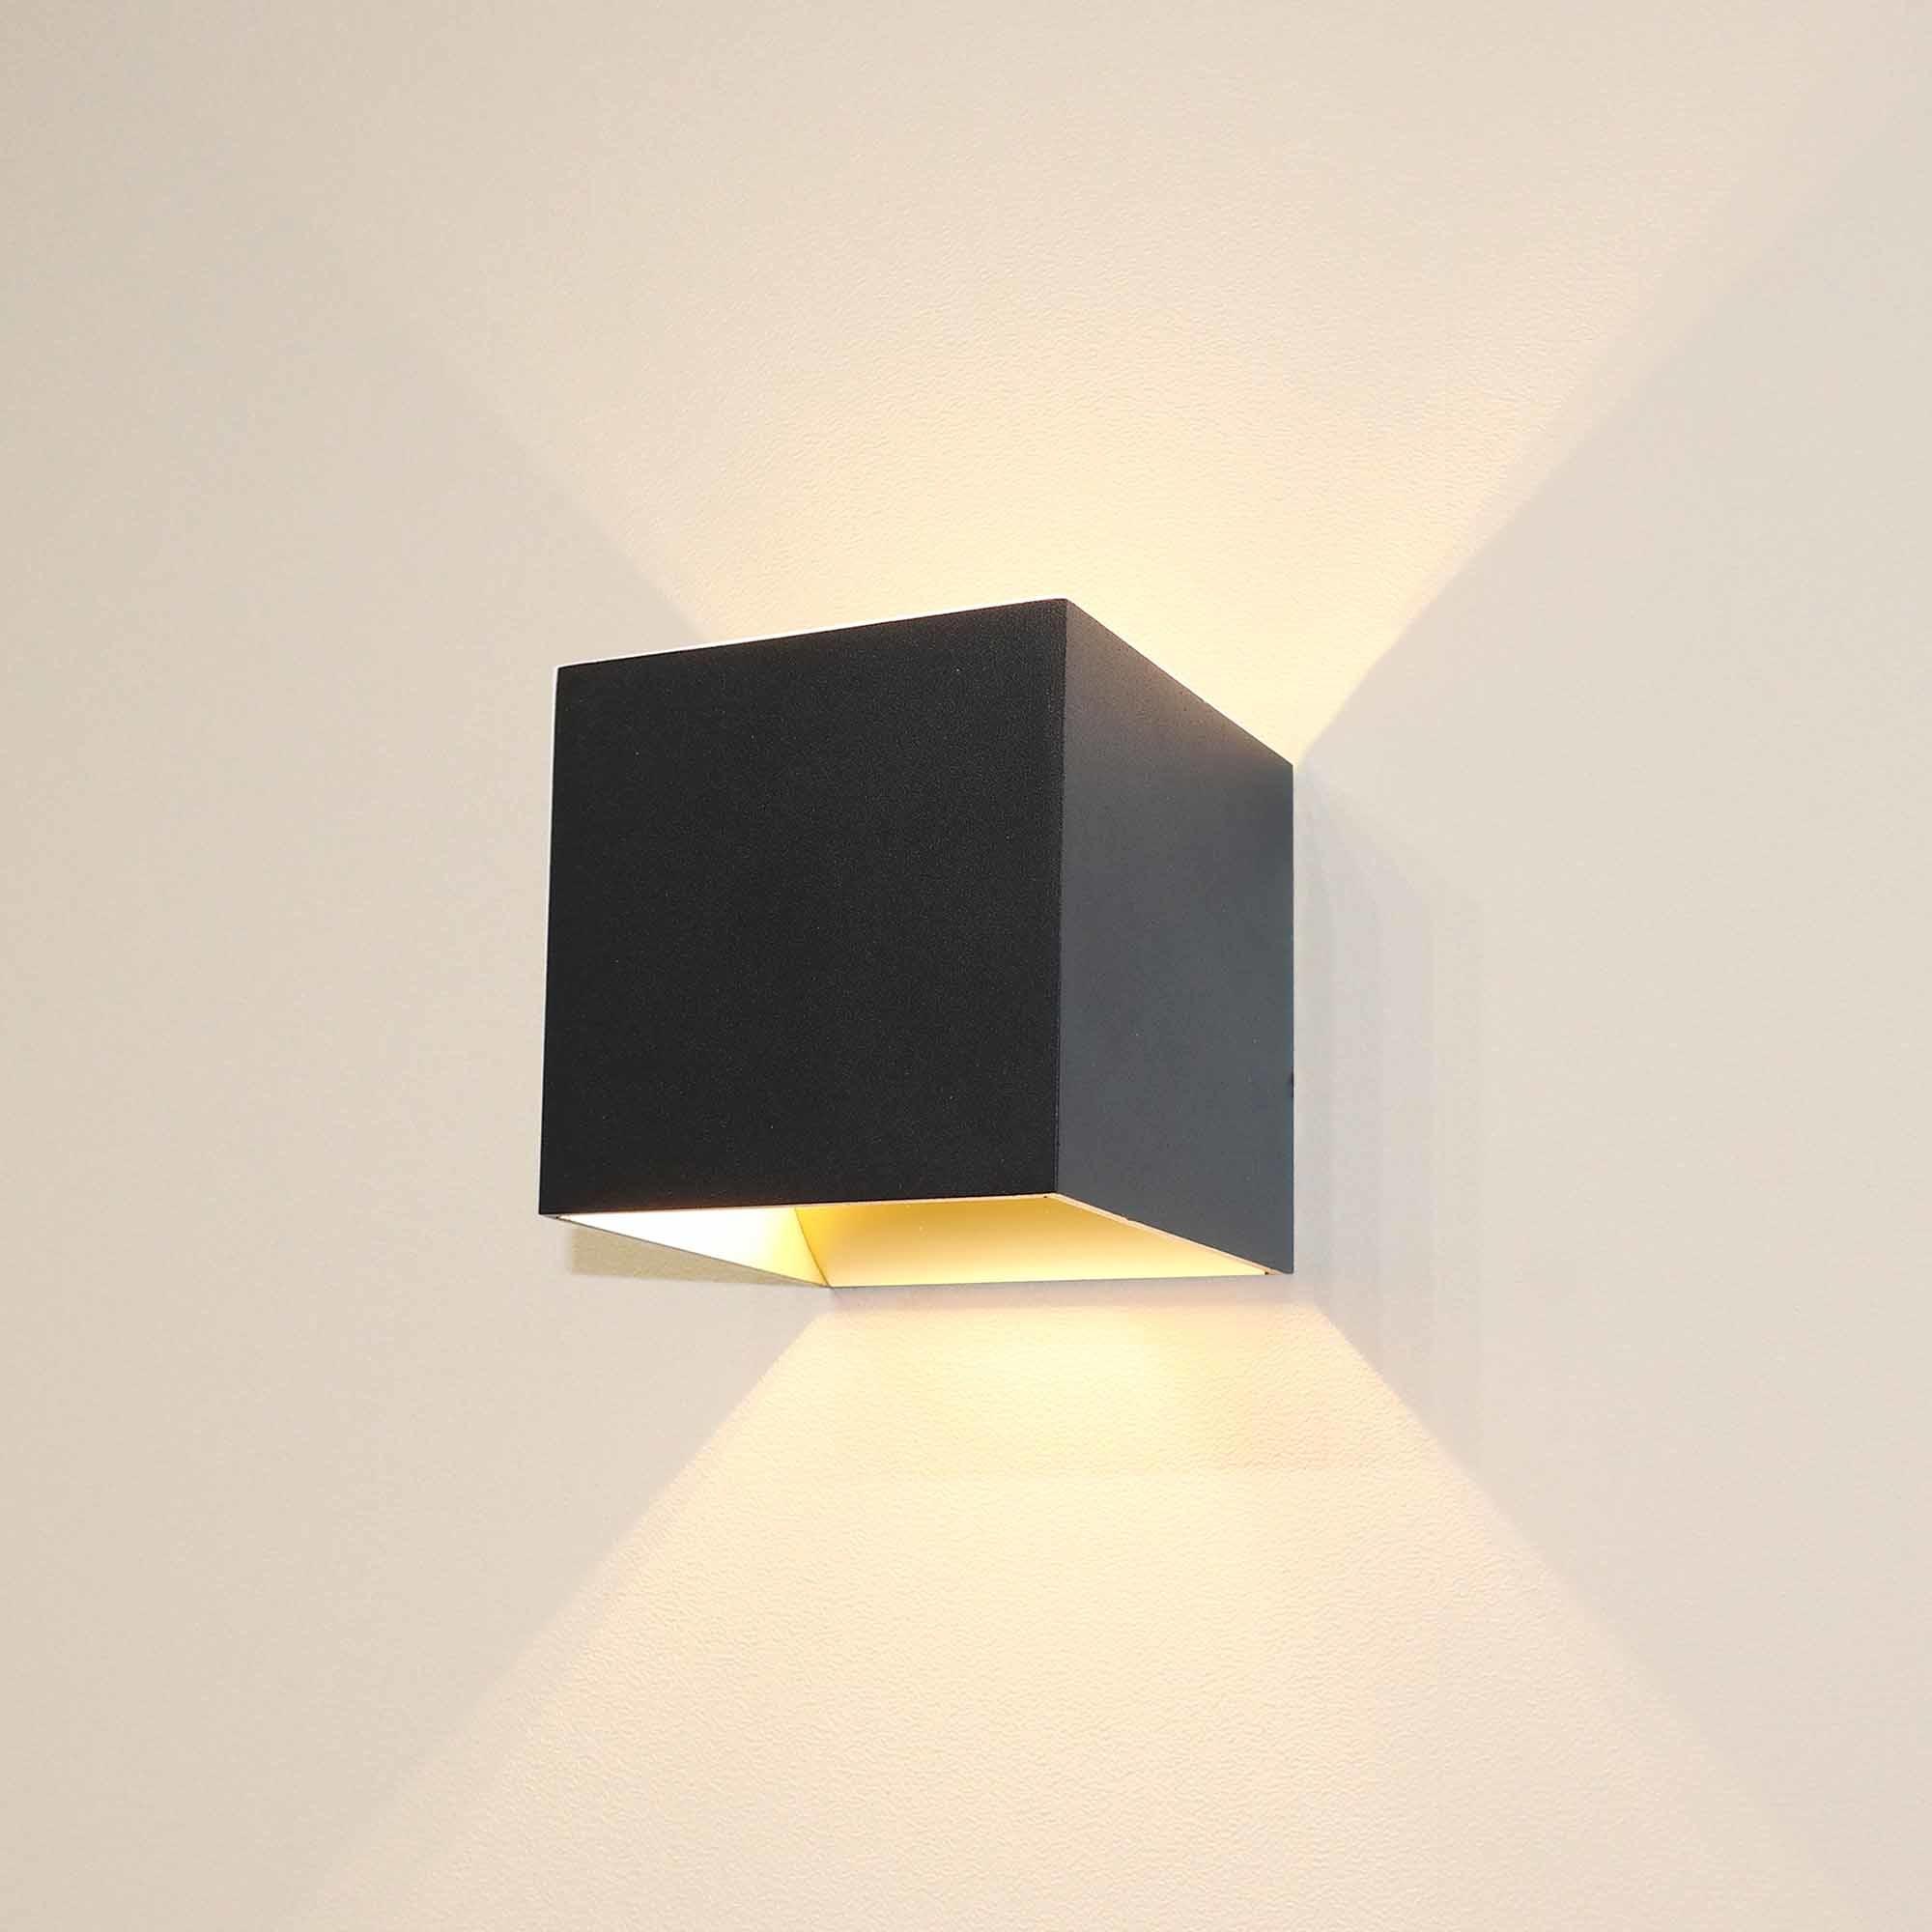 Artdelight Wandlamp Gymm 10x10 cm excl. G9 zwart goud